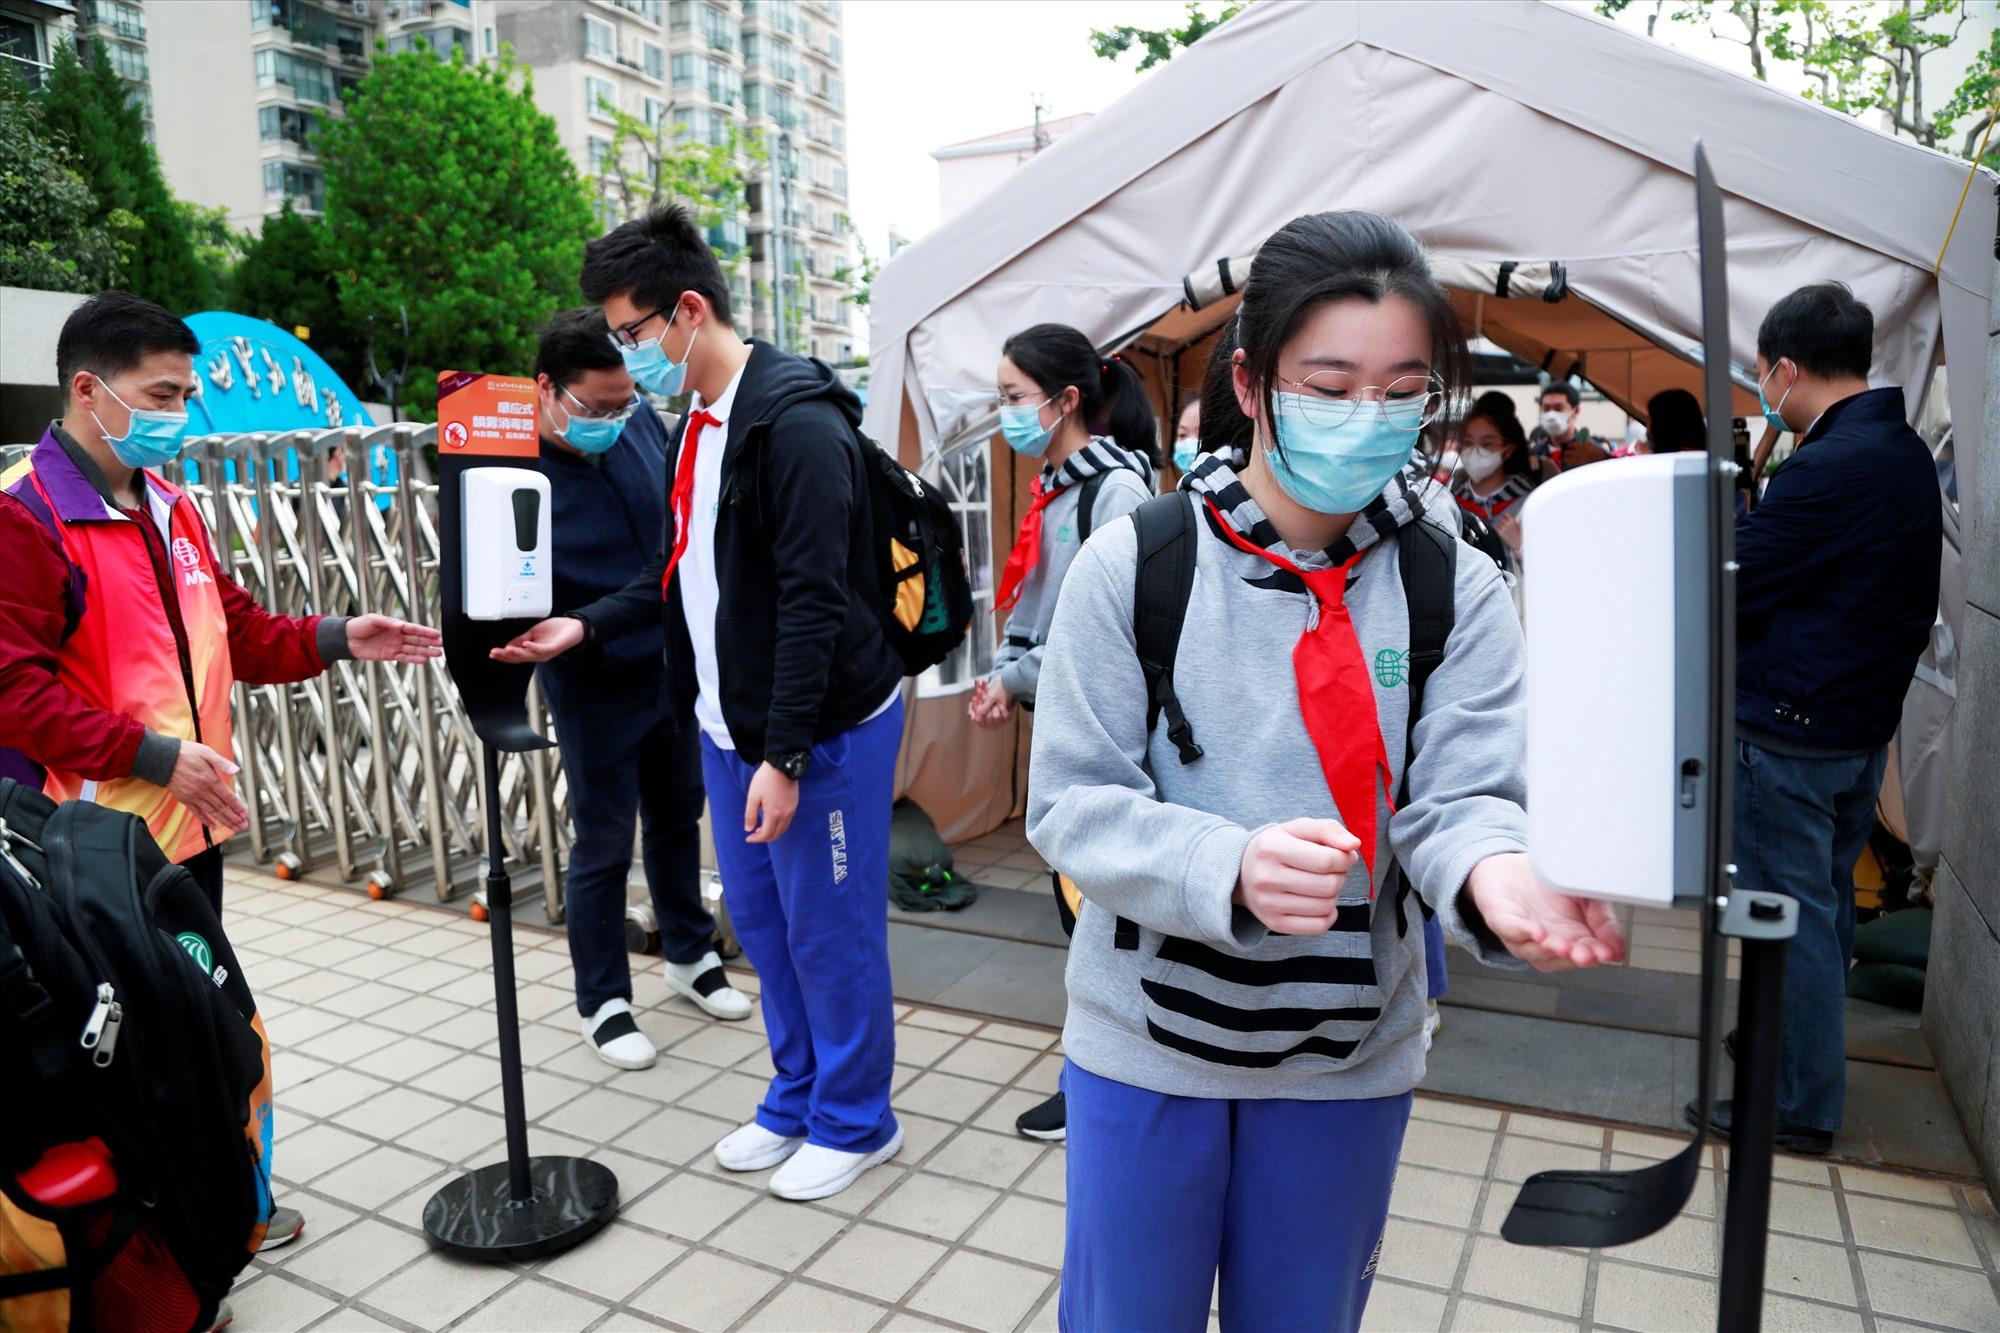 Học sinh khắp nơi trên thế giới quay lại trường học với các biện pháp phòng ngừa lây nhiễm Covid-19. Ảnh: Reuters